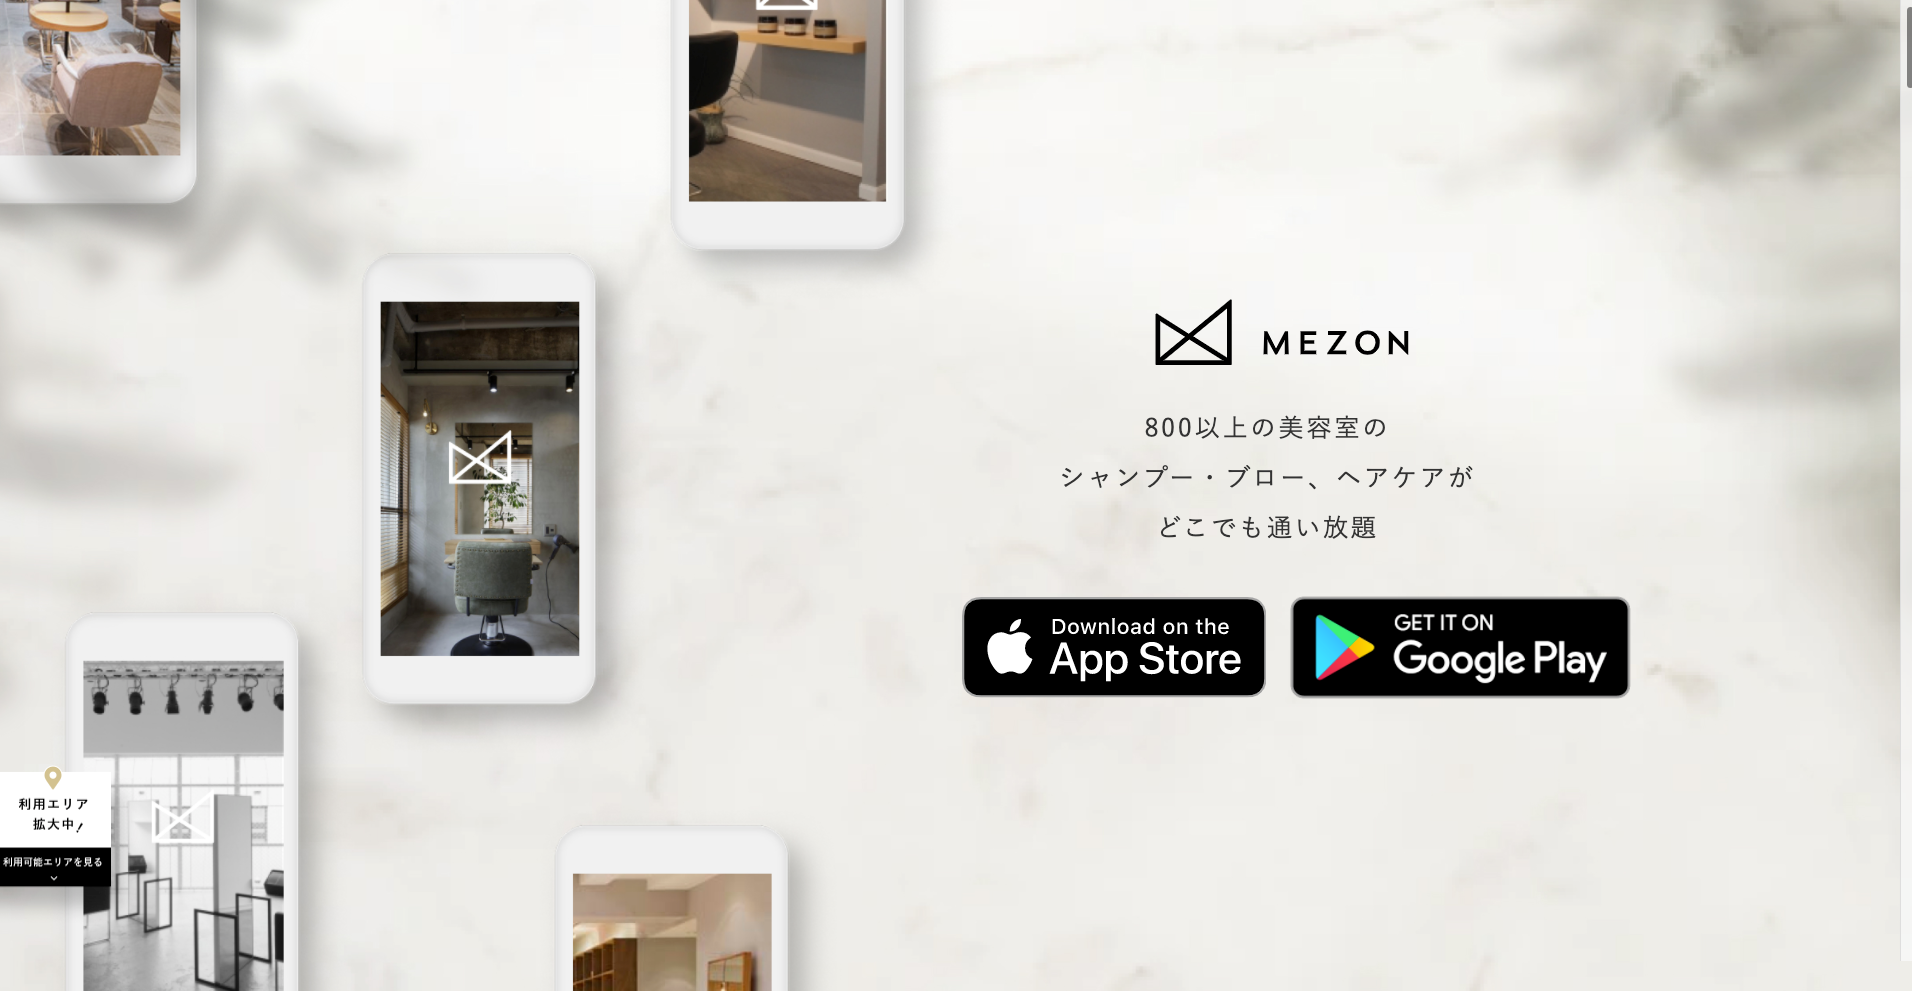 【社長面談】美容どこでも通い放題サブスクアプリ『MEZON』のQA(テスト)エンジニア募集